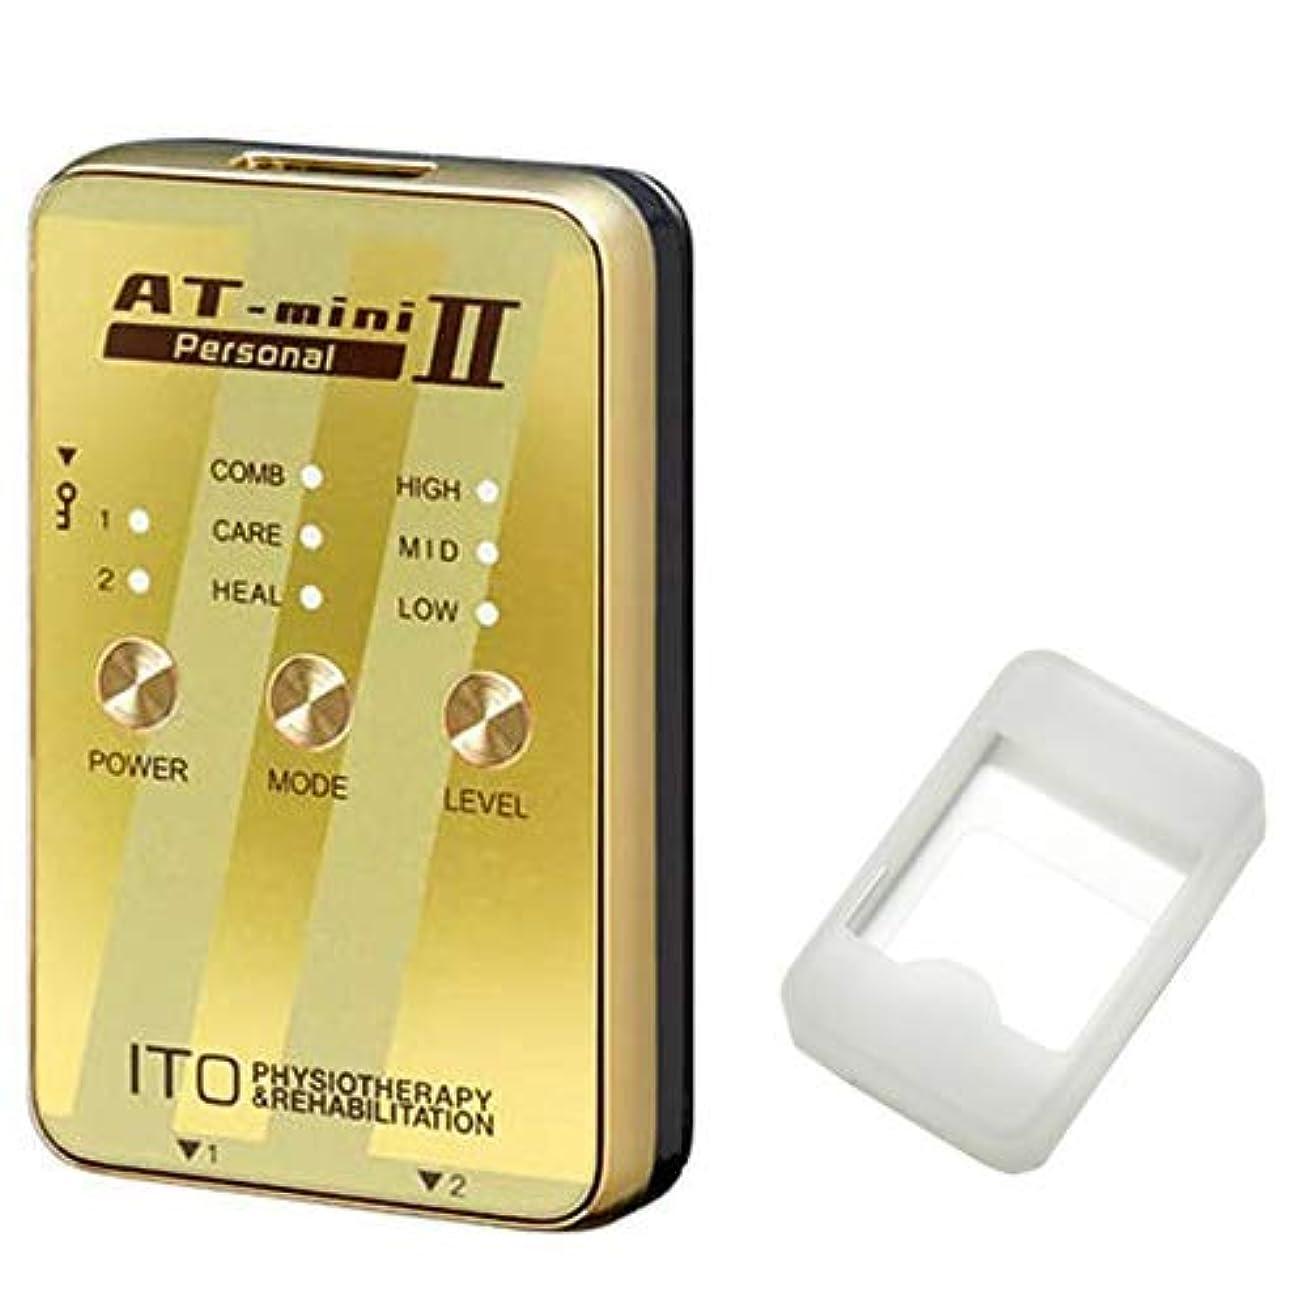 グリースお父さん人差し指低周波治療器 AT-mini personal II ゴールド (ATミニパーソナル2) + シリコン保護ケース